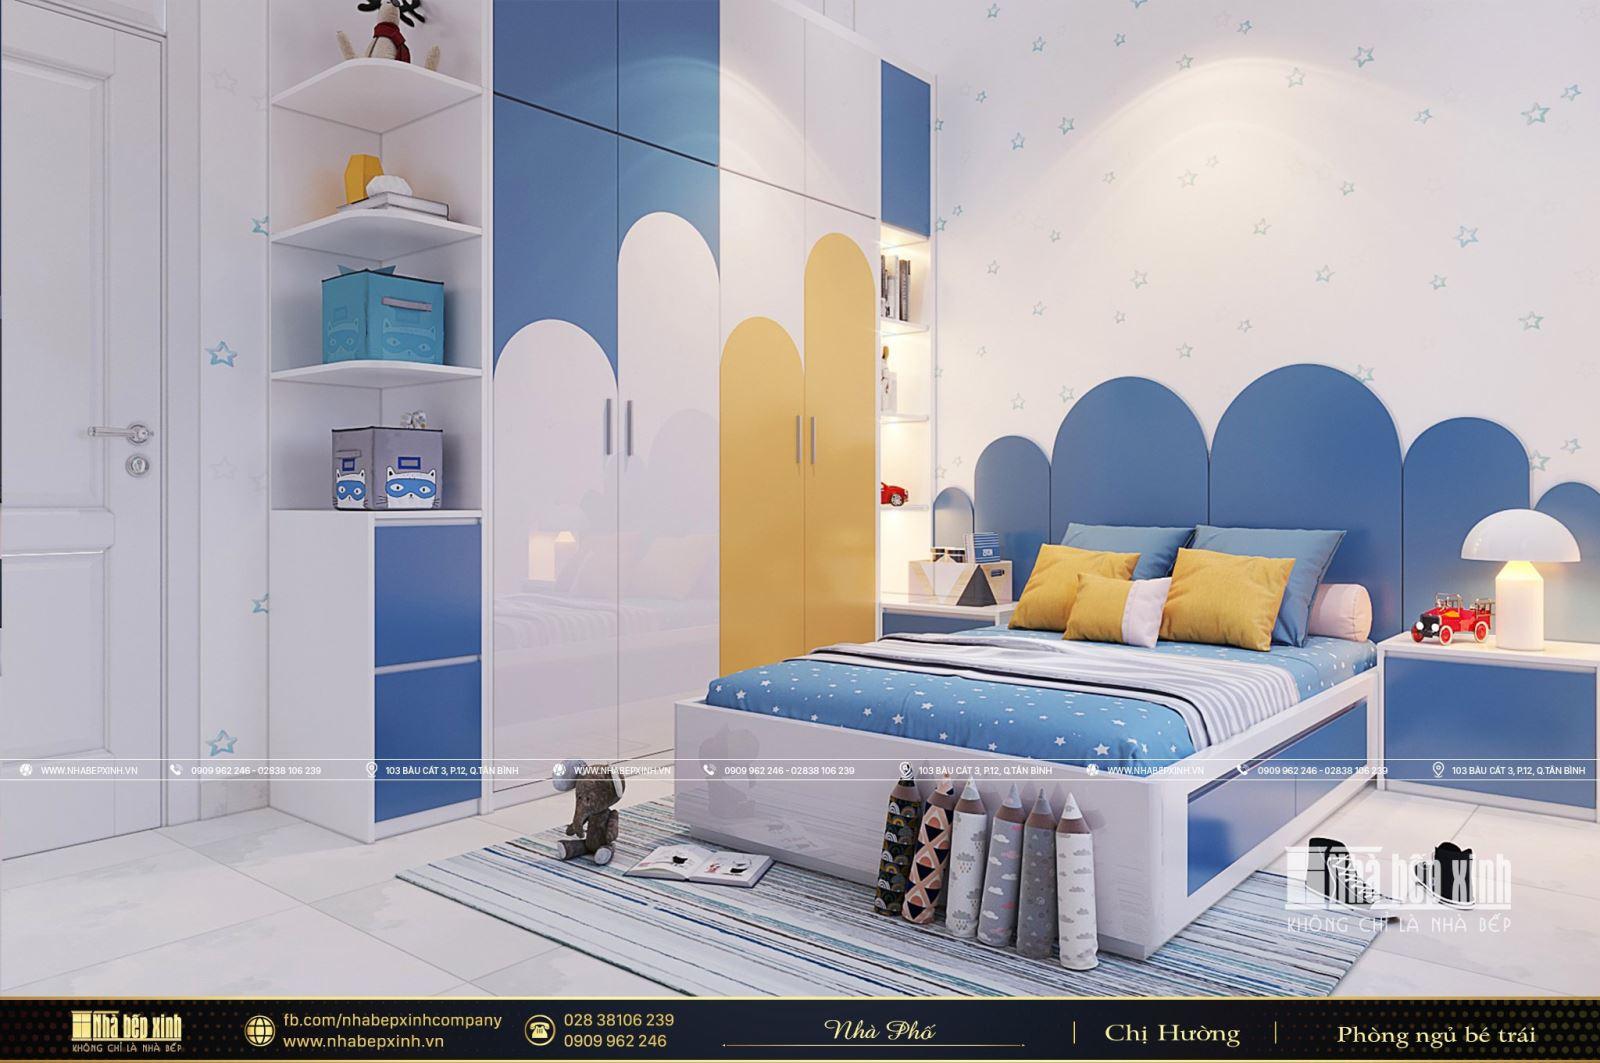 Mẫu Phòng Ngủ Bé Trai Theo Phong Cách Hiện Đại 2021